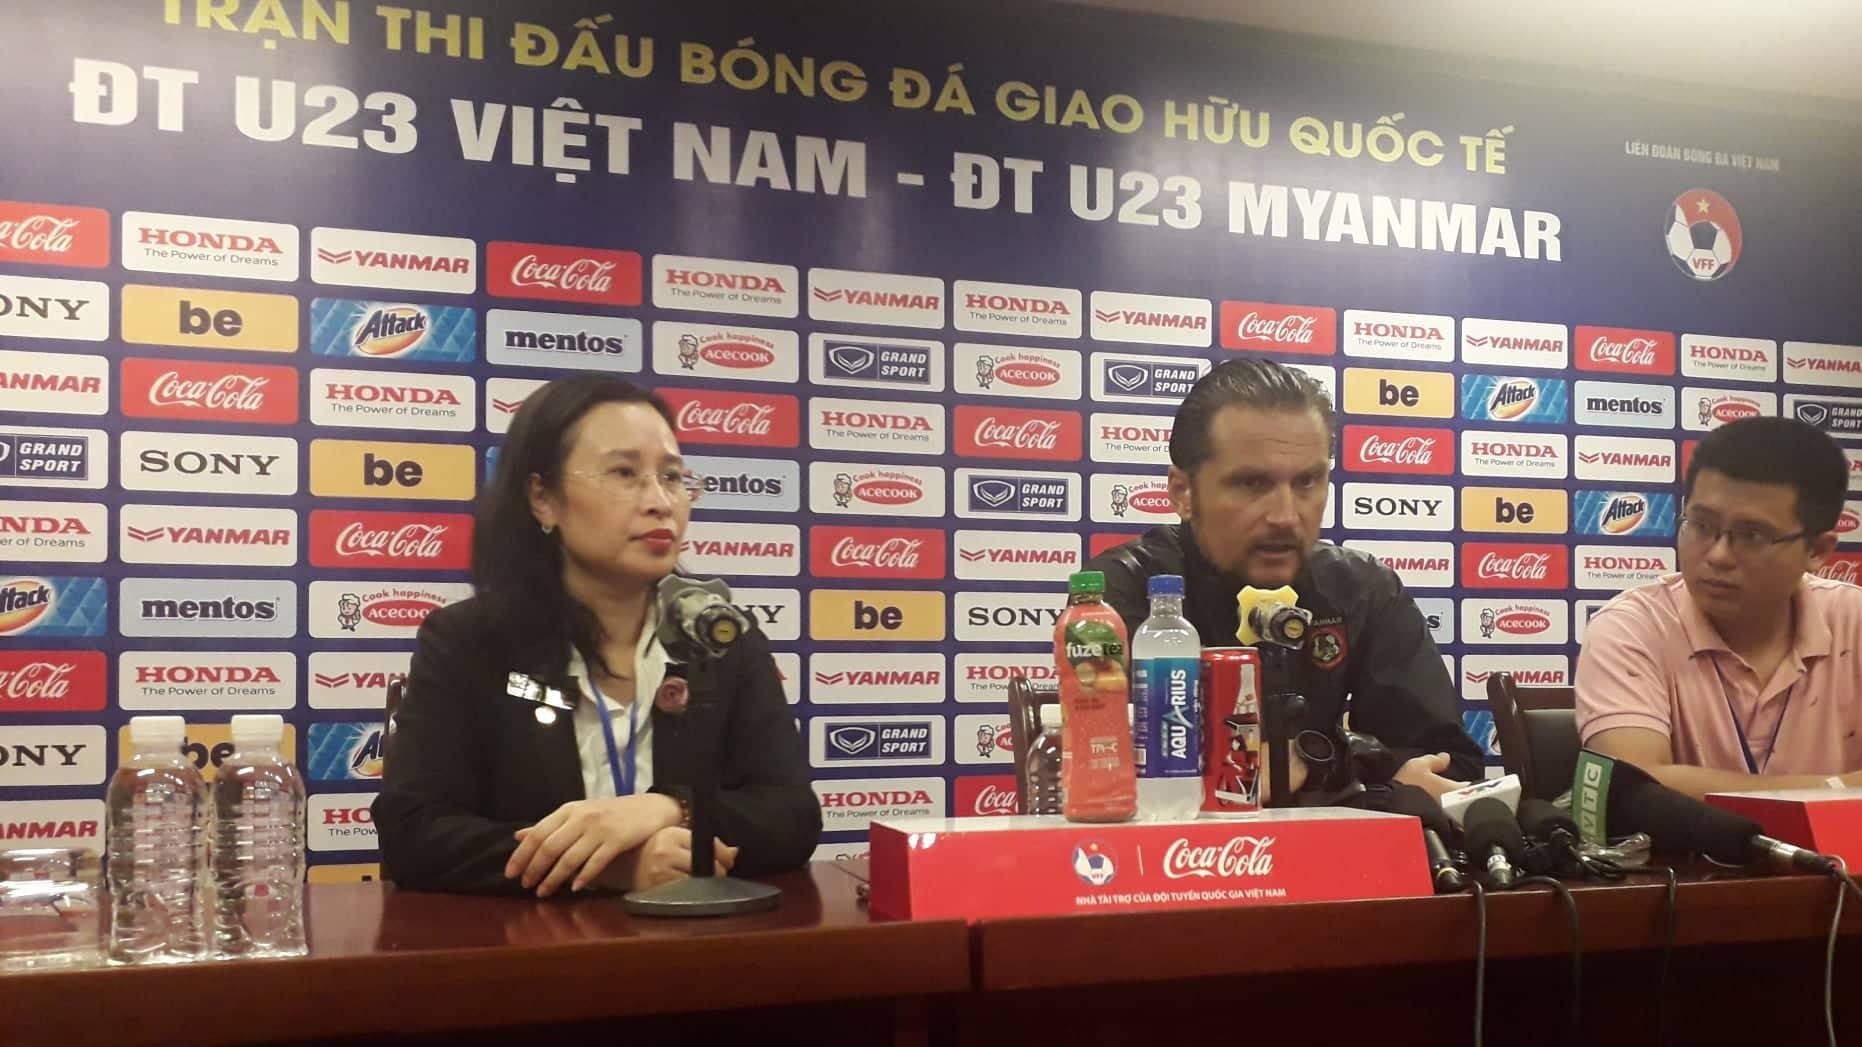 HLV U23 Myanmar phát biểu bất ngờ sau khi thua tâm phục U23 Việt Nam Ảnh 2